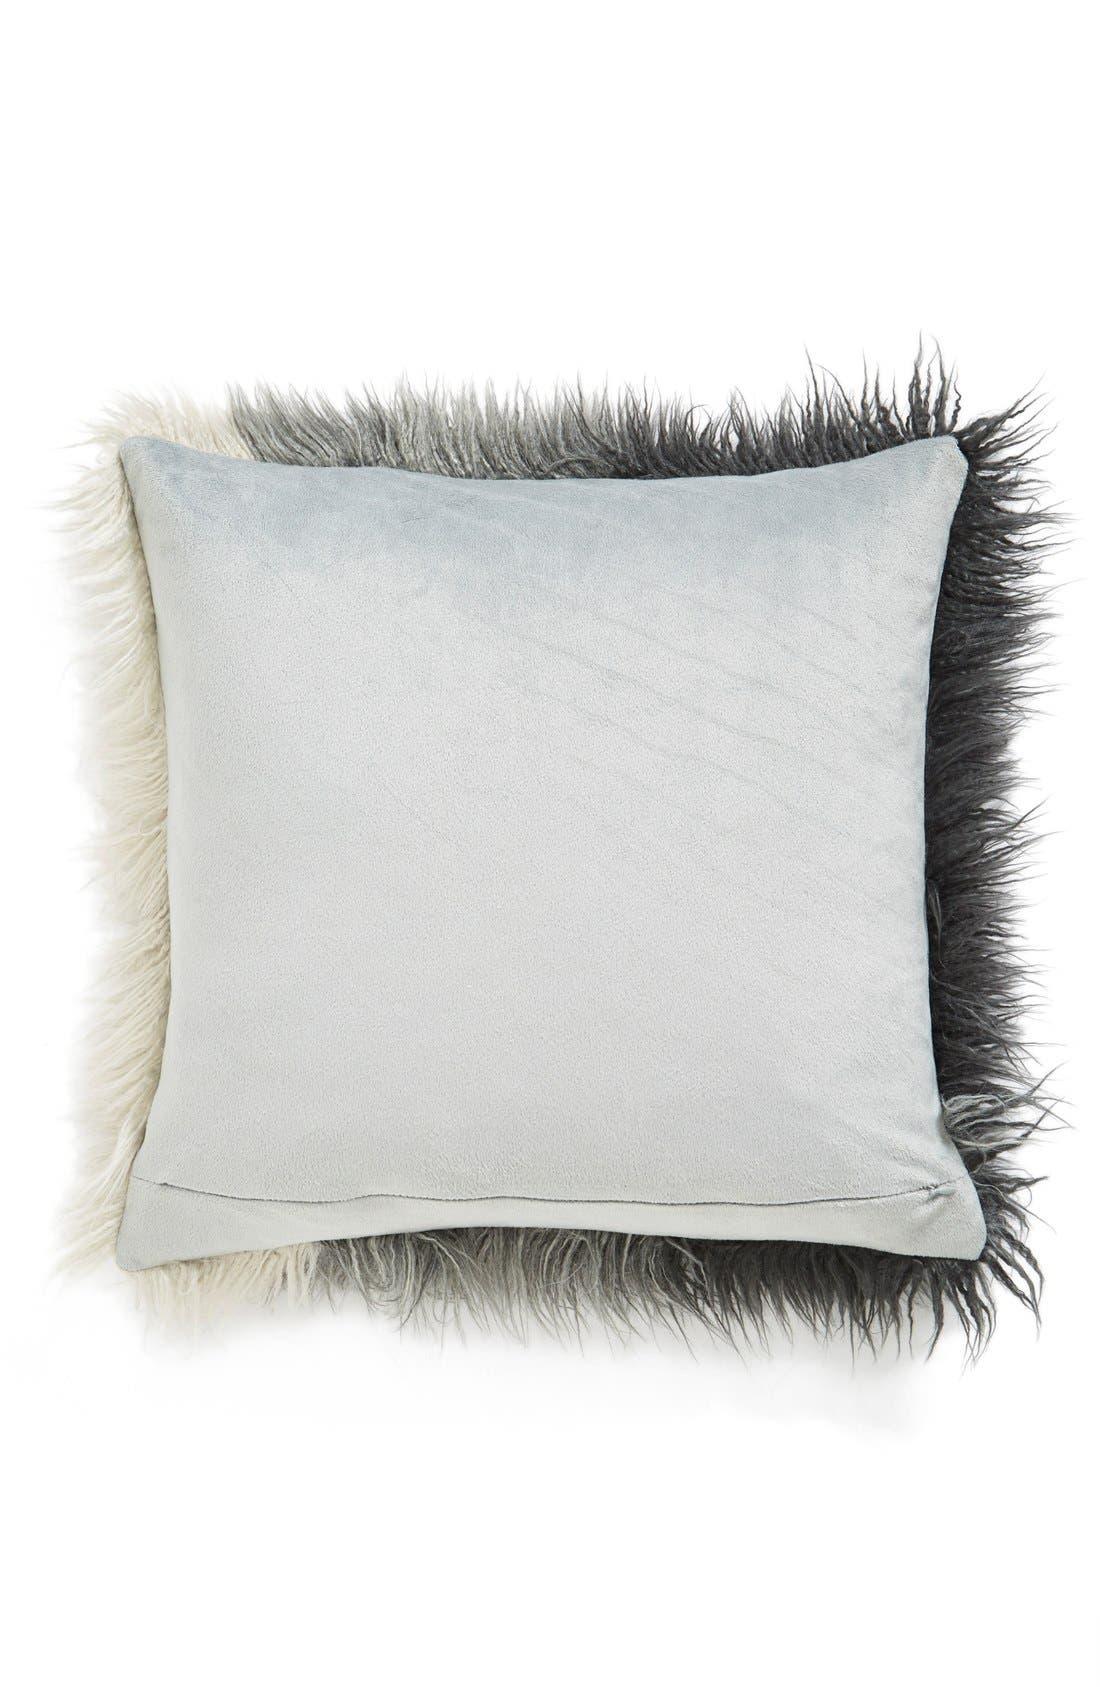 Ombré Faux Fur Flokati Accent Pillow,                             Alternate thumbnail 18, color,